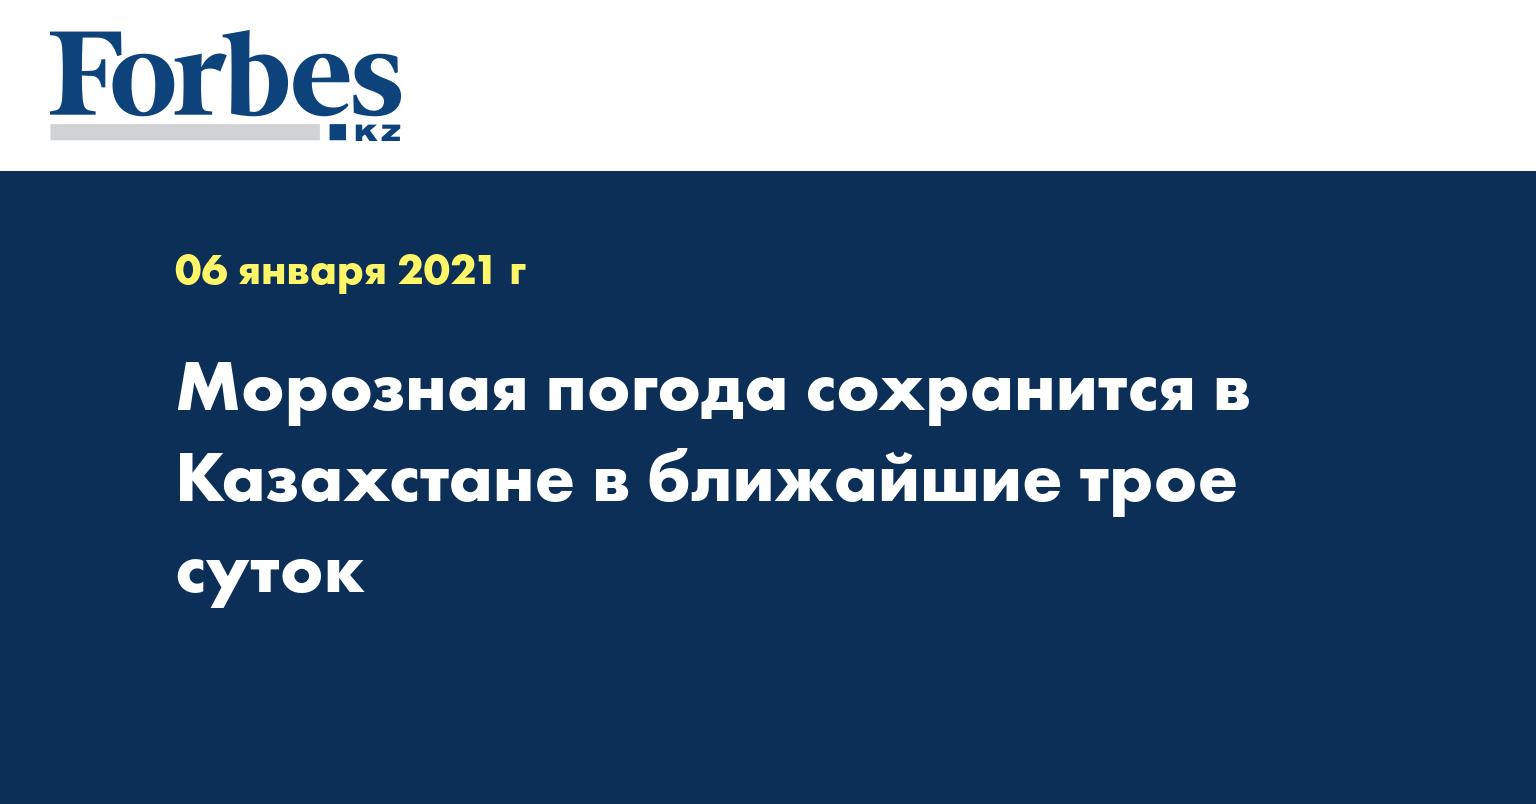 Морозная погода сохранится в Казахстане в ближайшие трое суток